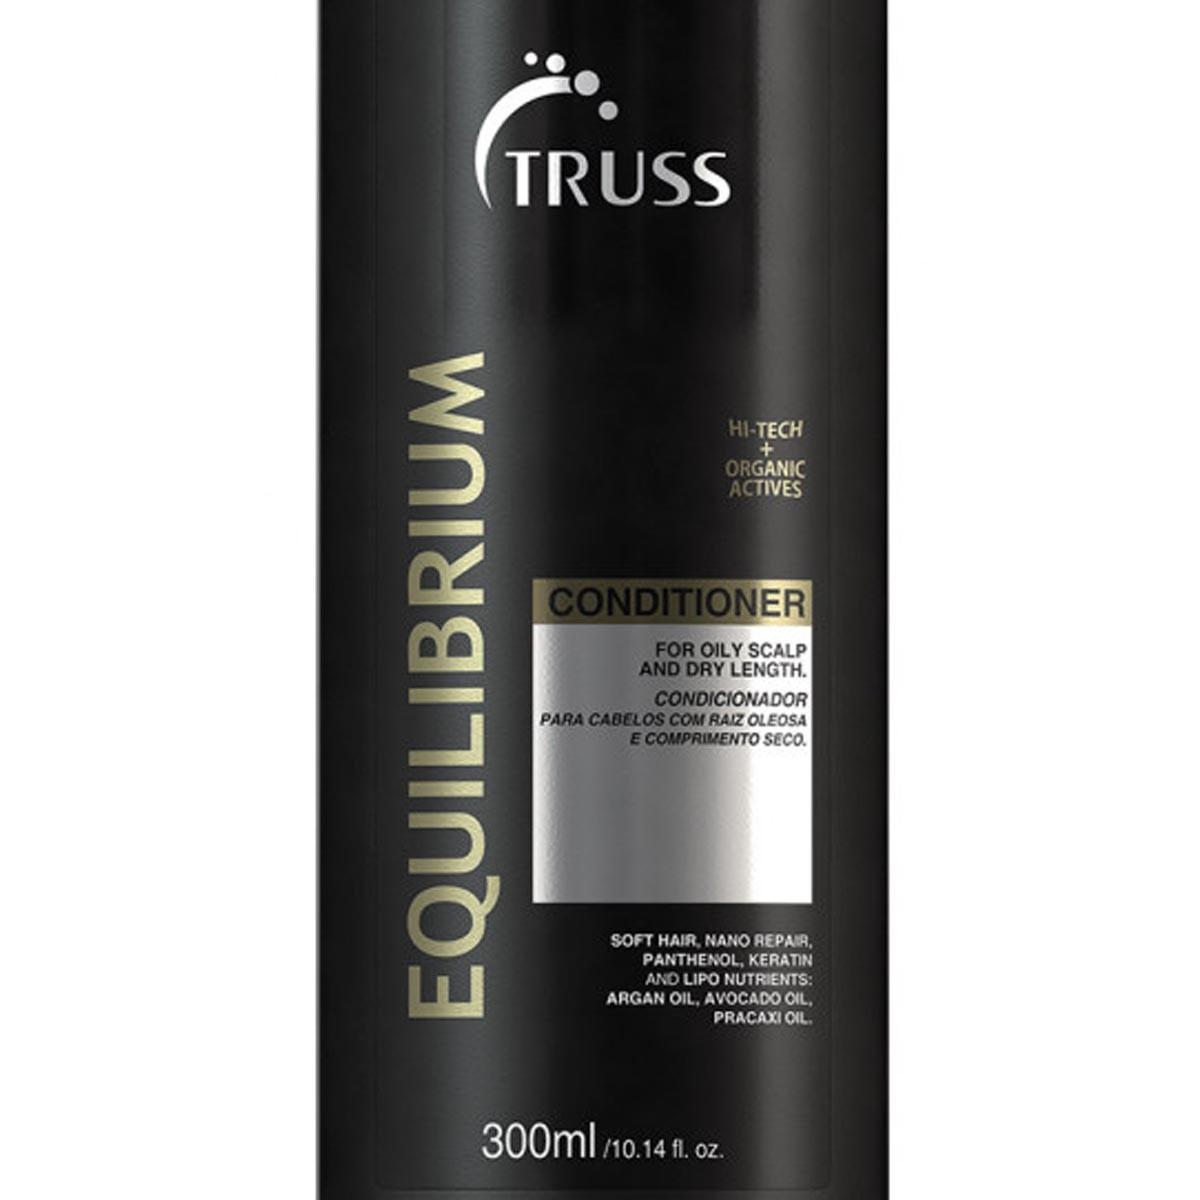 Truss Condicionador Equilibrium 300ml